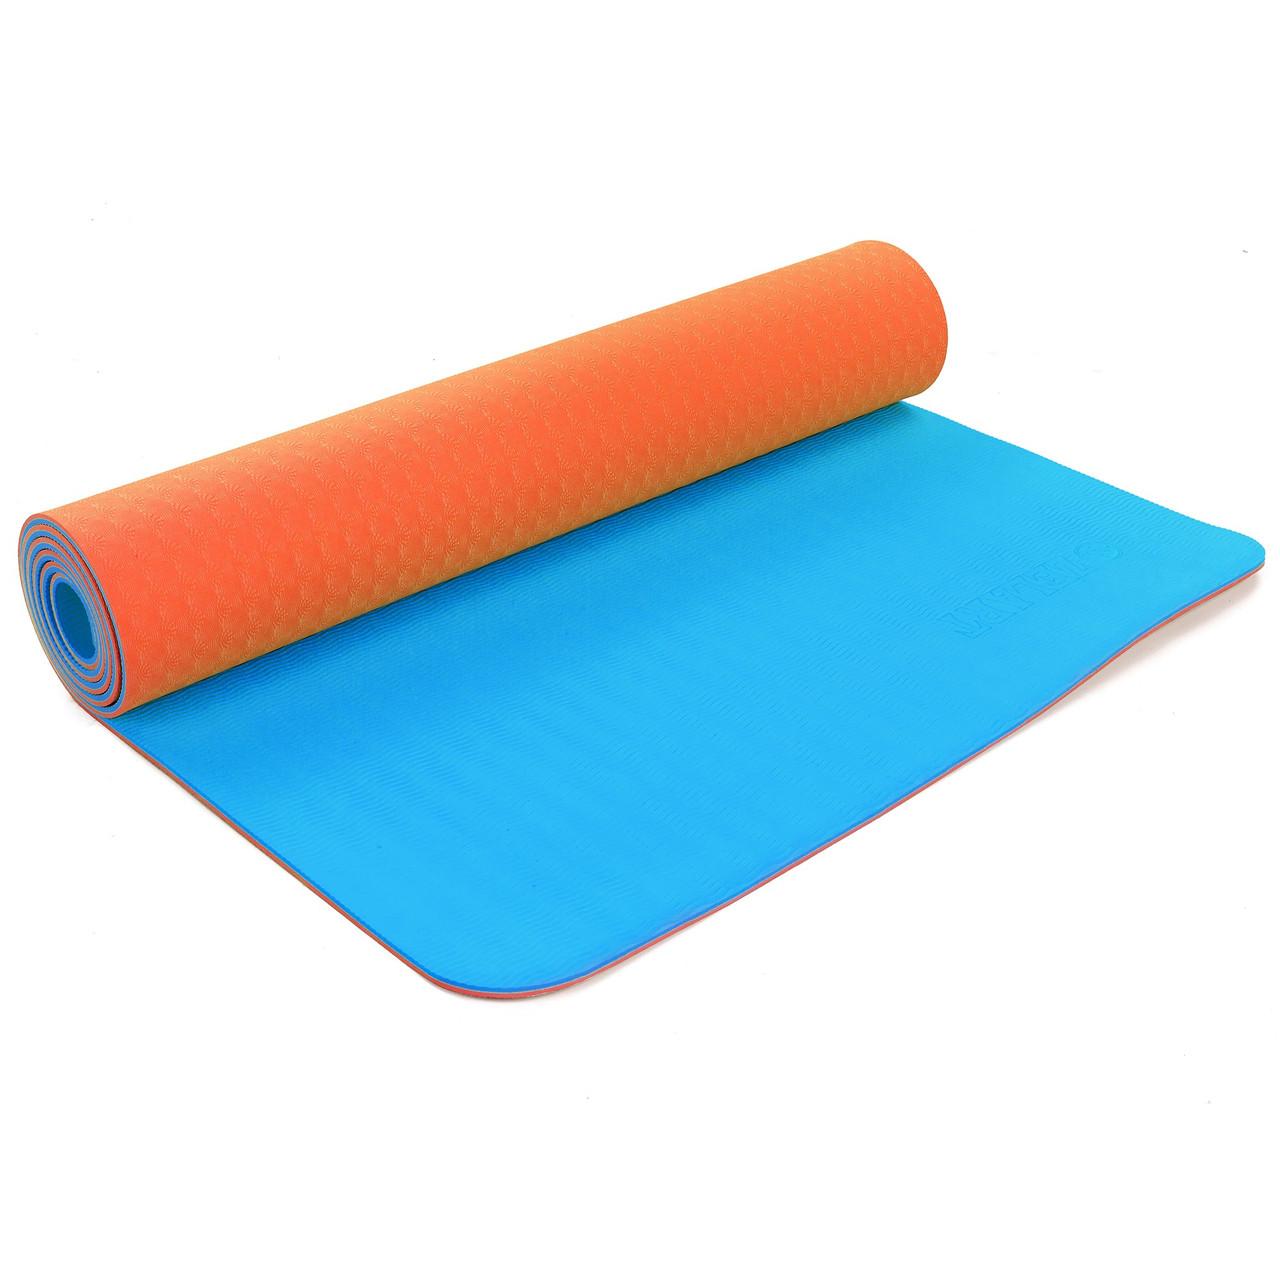 Коврик для фитнеса и йоги TPE+TC 6мм двухслойный 5172 (размер 1,73мx0,61мx6мм, цвет синий-оранжевый)))